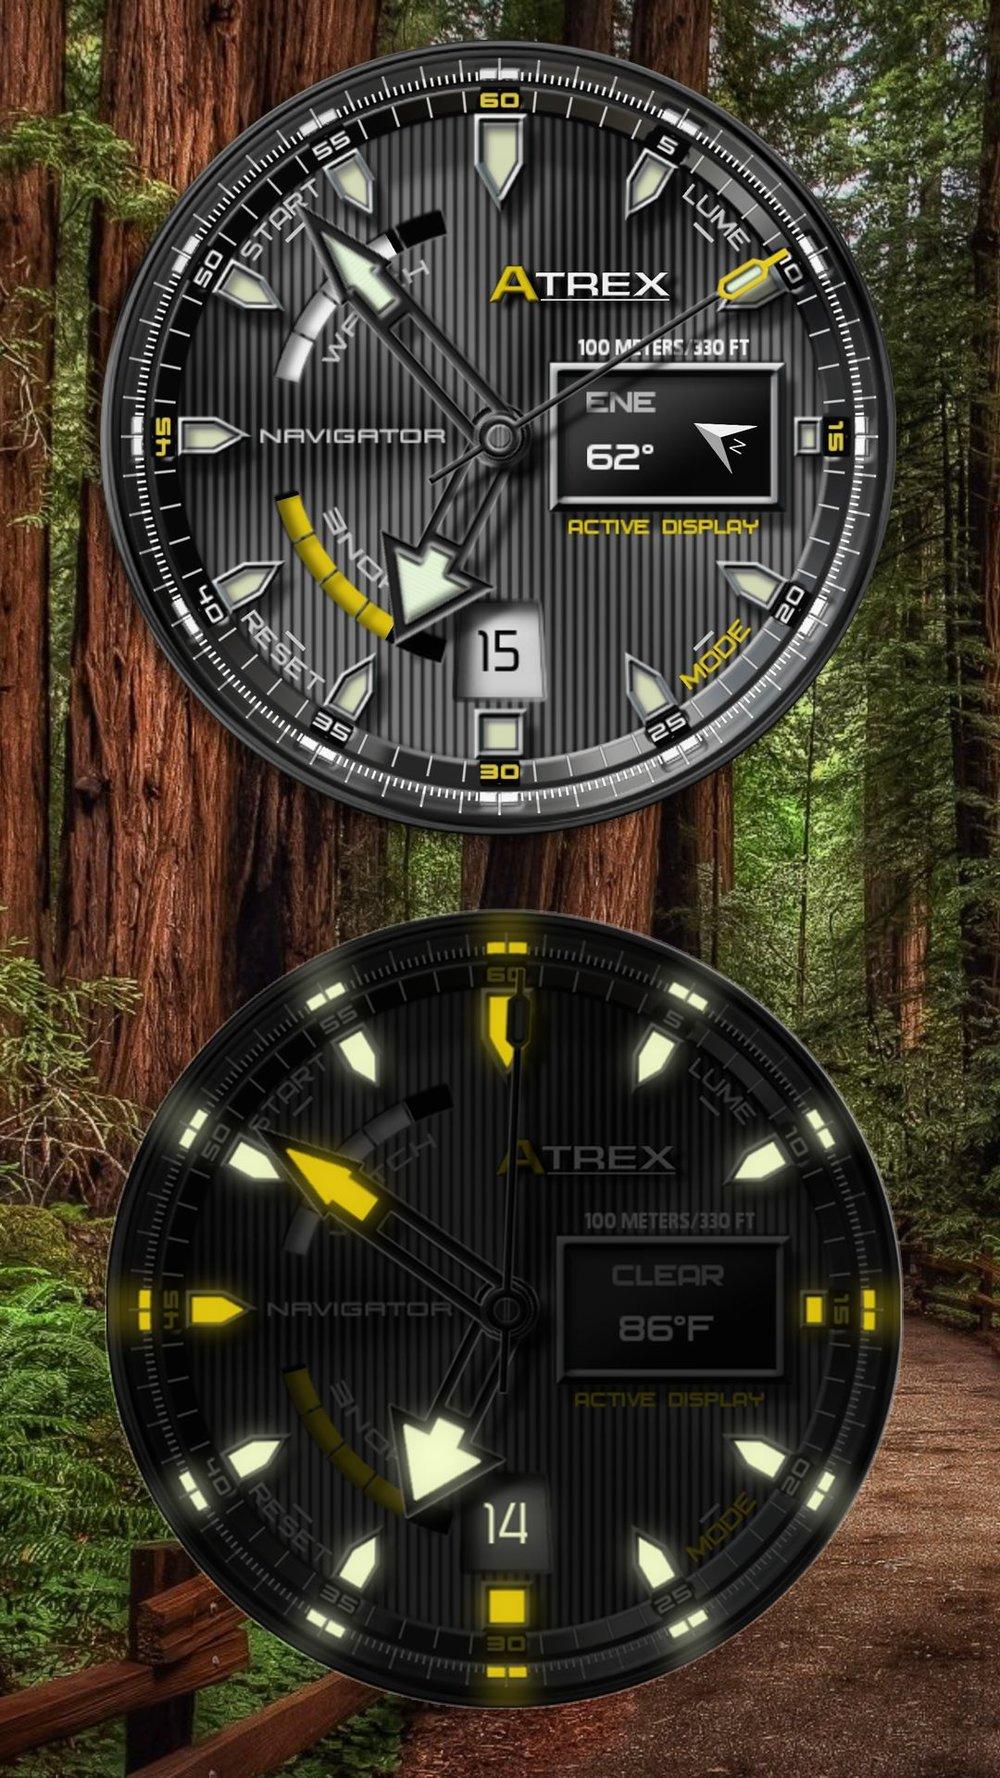 Atrex Navigator vert.jpg